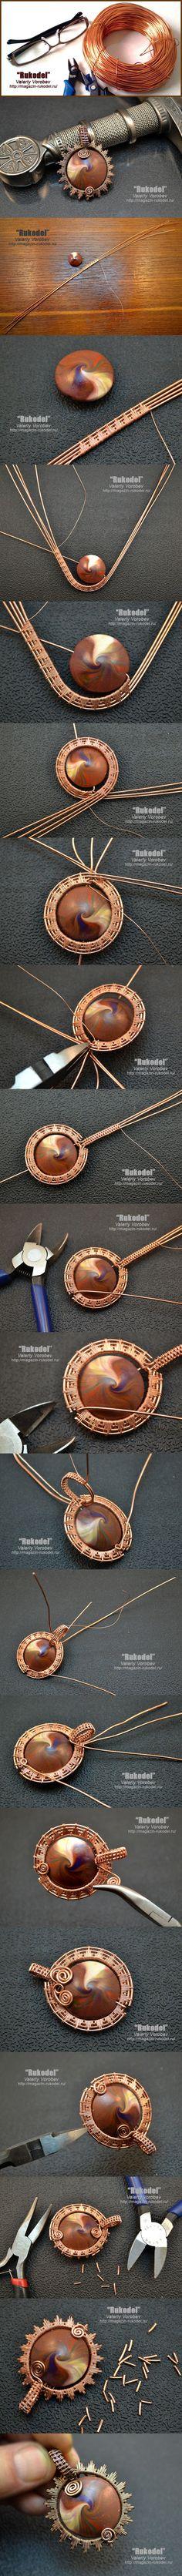 Wire wrapping a polymer swirled bead: Поделки, украшения из проволоки своими руками. | Рукодел